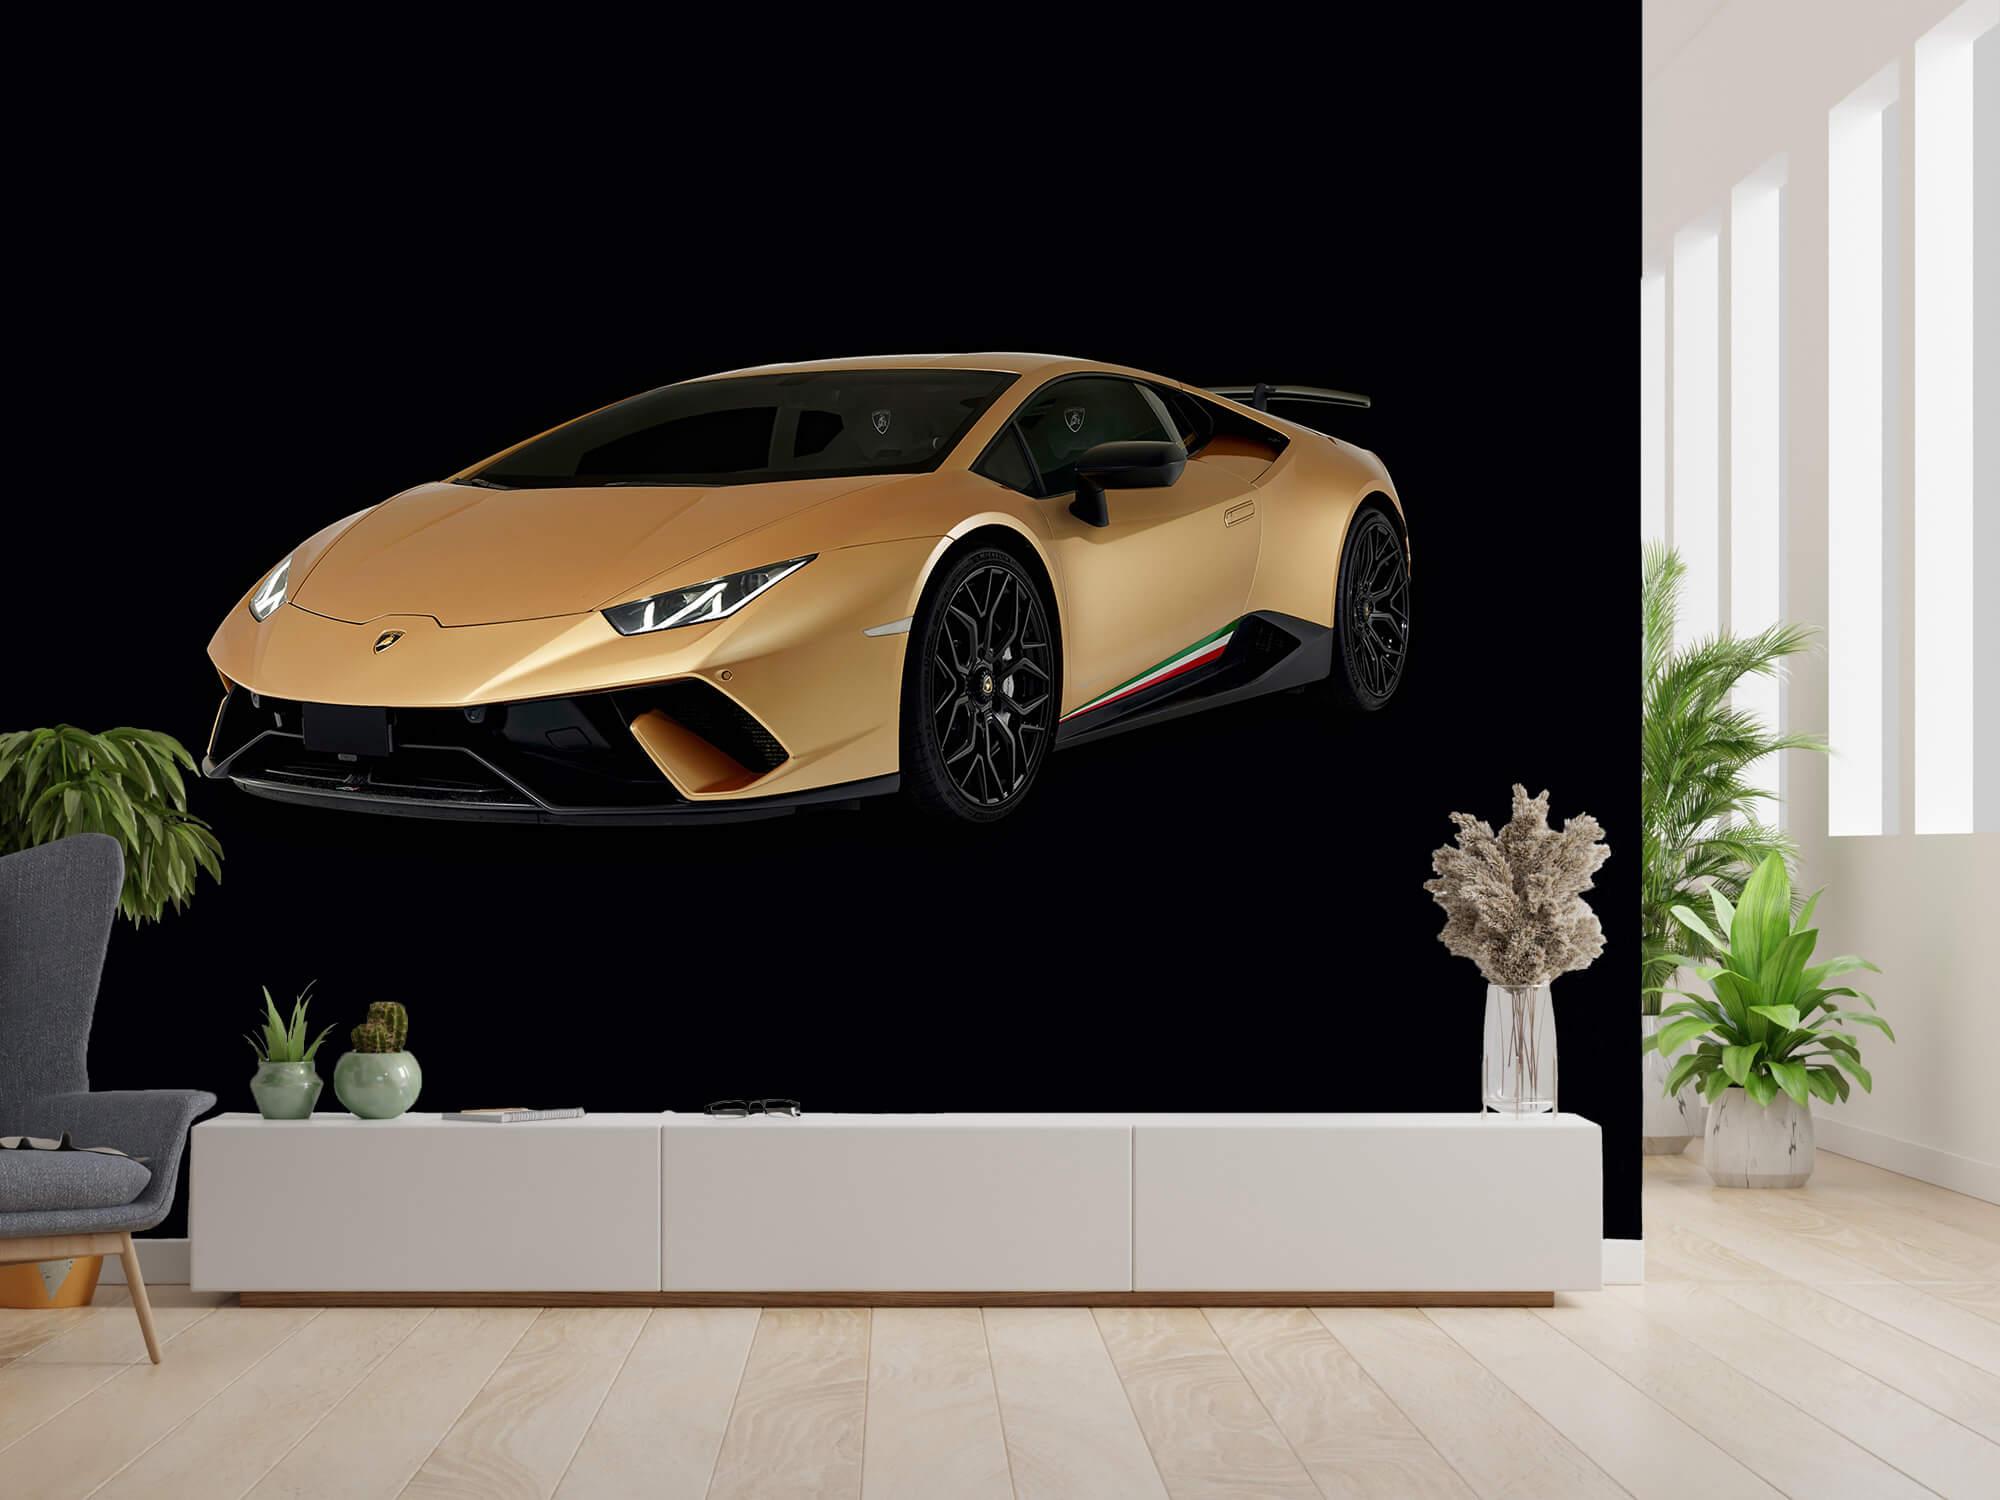 Wallpaper Lamborghini Huracán - Right Front, black 4